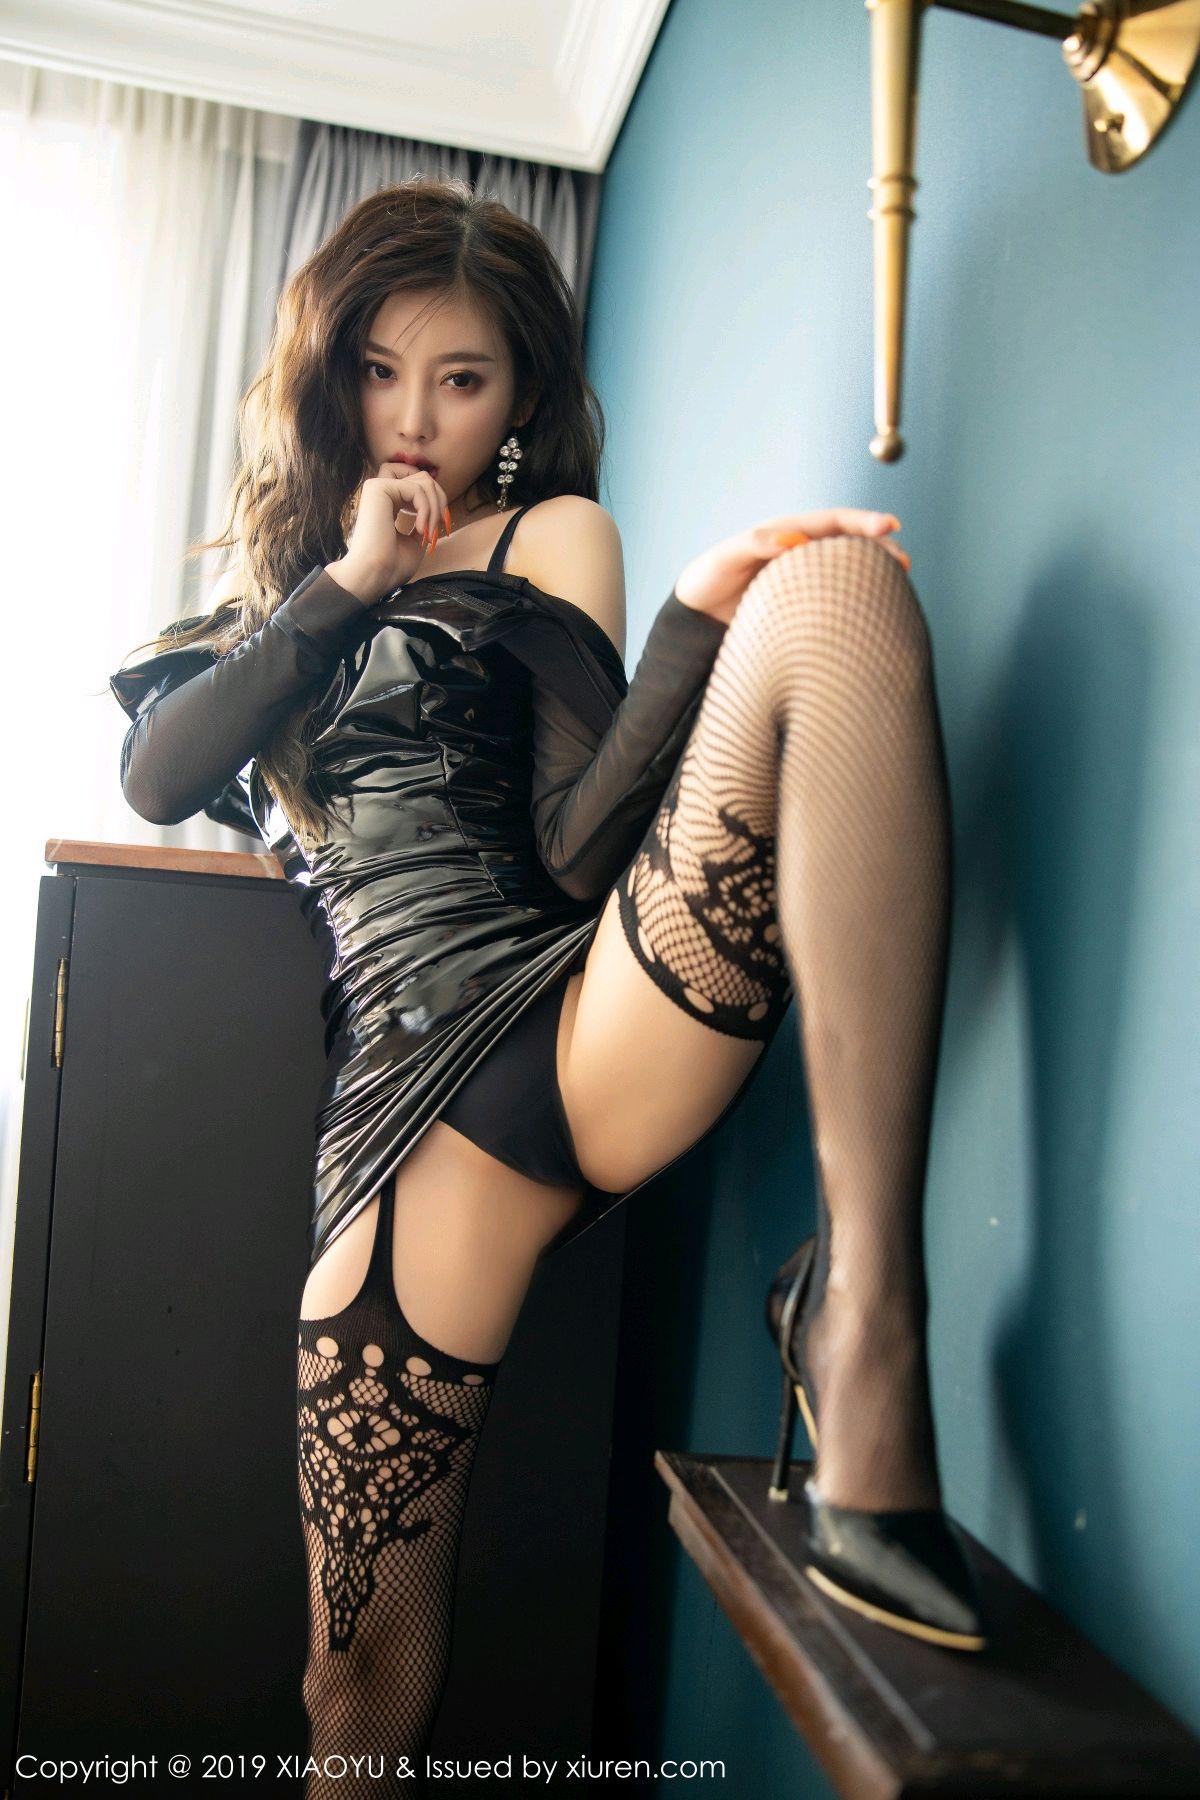 [XiaoYu] Vol.199 Yang Chen Chen 49P, Black Silk, Underwear, XiaoYu, Yang Chen Chen